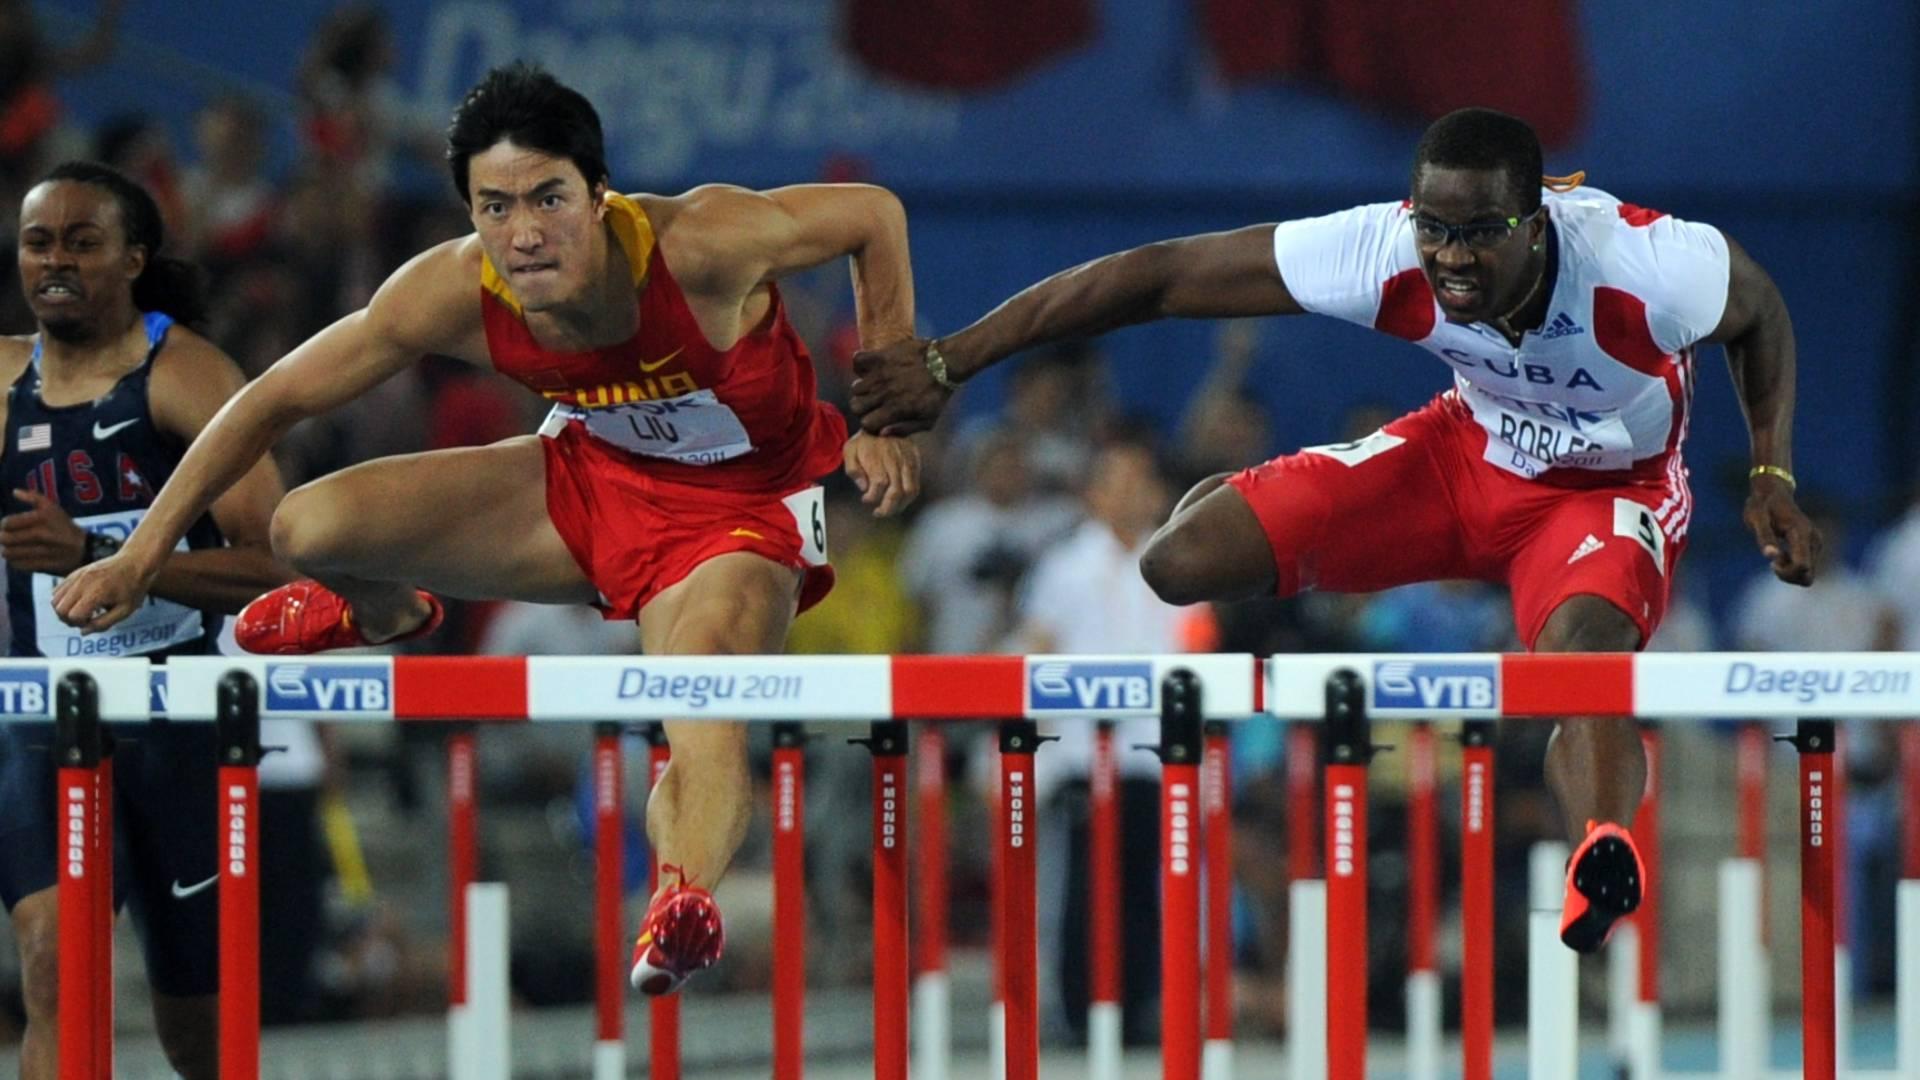 Dayron Robles toca o braço esquerdo do chinês Liu Xiang durante a disputa da final dos 110 m com barreiras no Mundial de Daegu (29/08/2011)